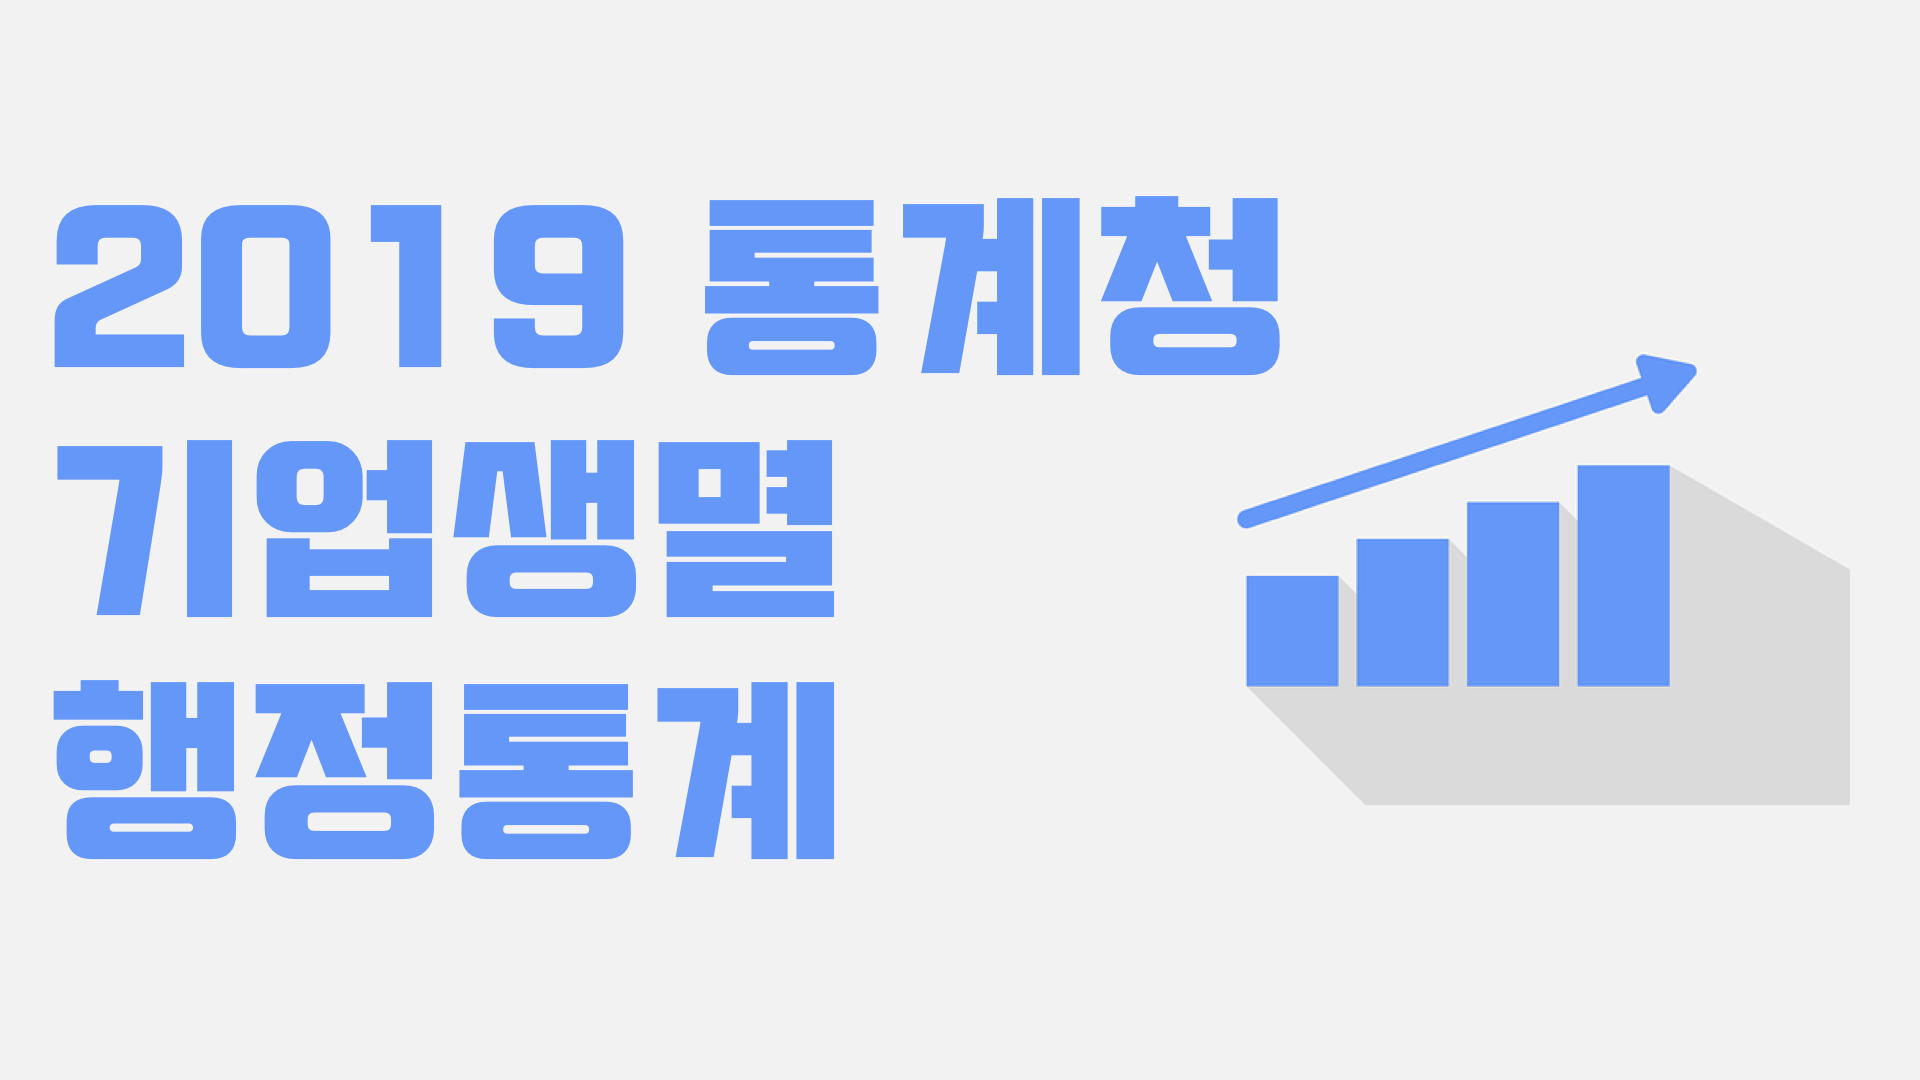 [2019 통계청 기업생멸 행정통계] 울산광역시 산업별 신생률과 소멸률!!